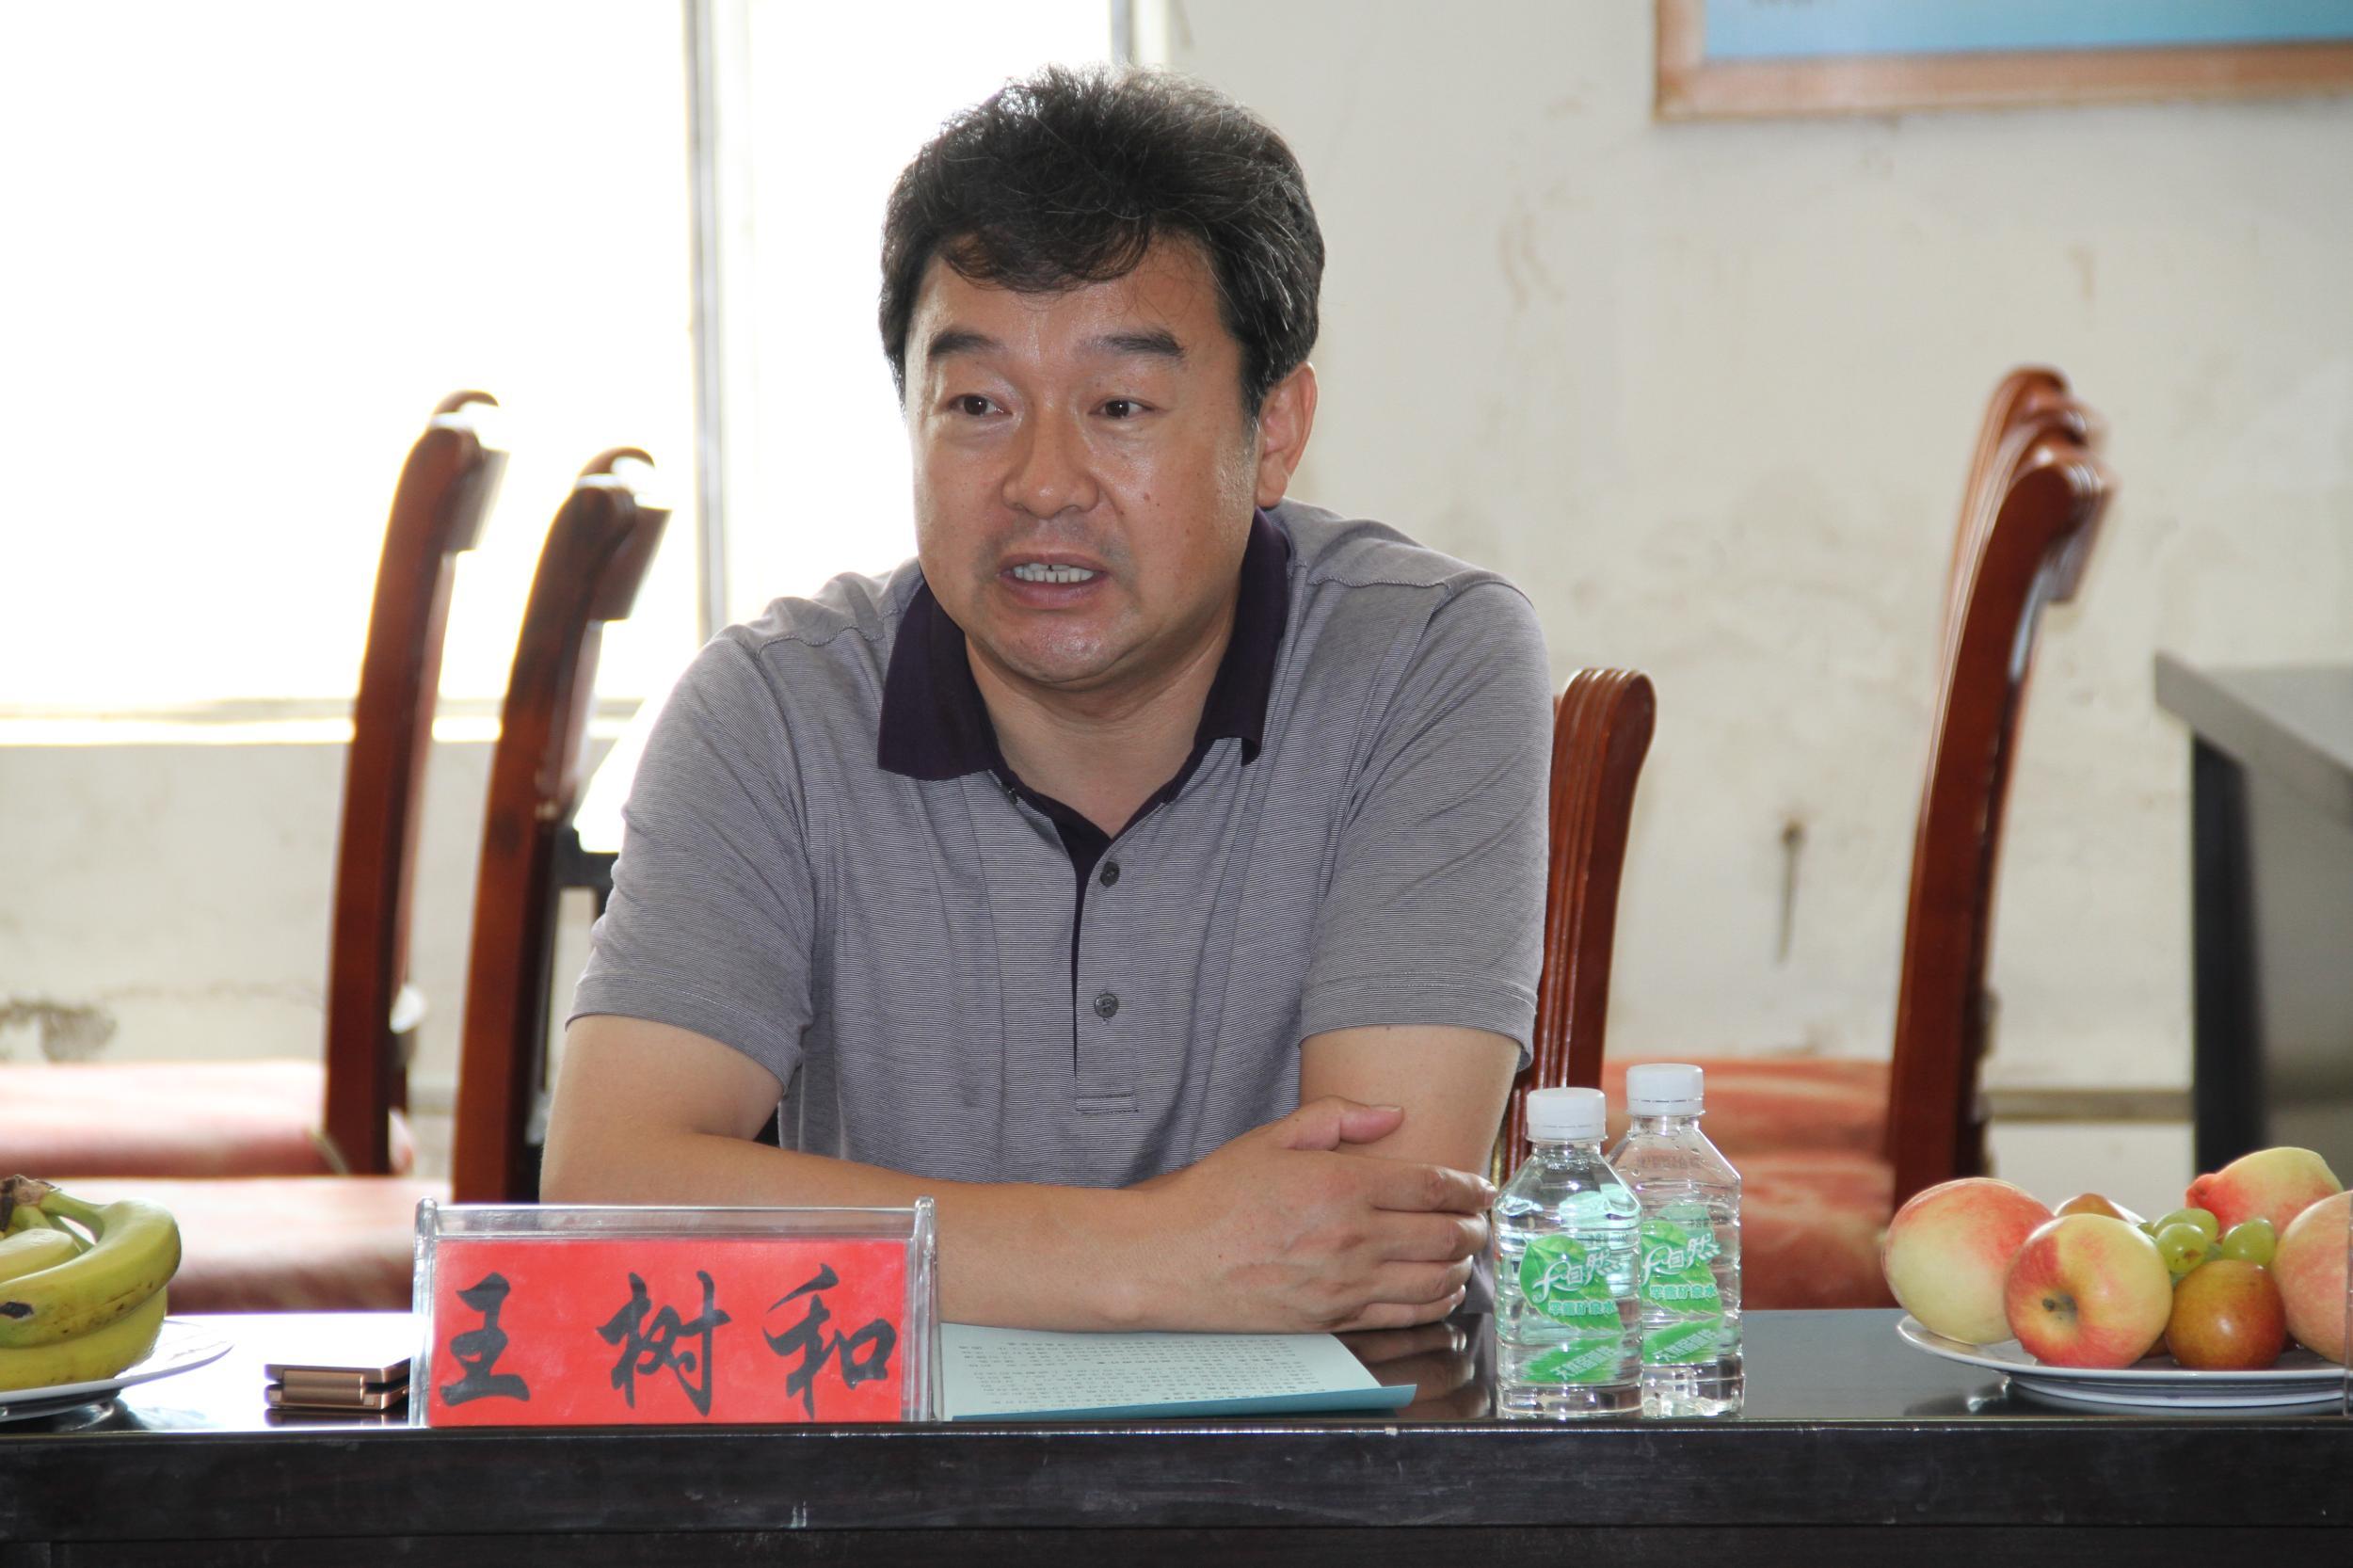 我内蒙古赤峰市宁城县的农民我43周岁想交社保大概一年交多少钱呢...